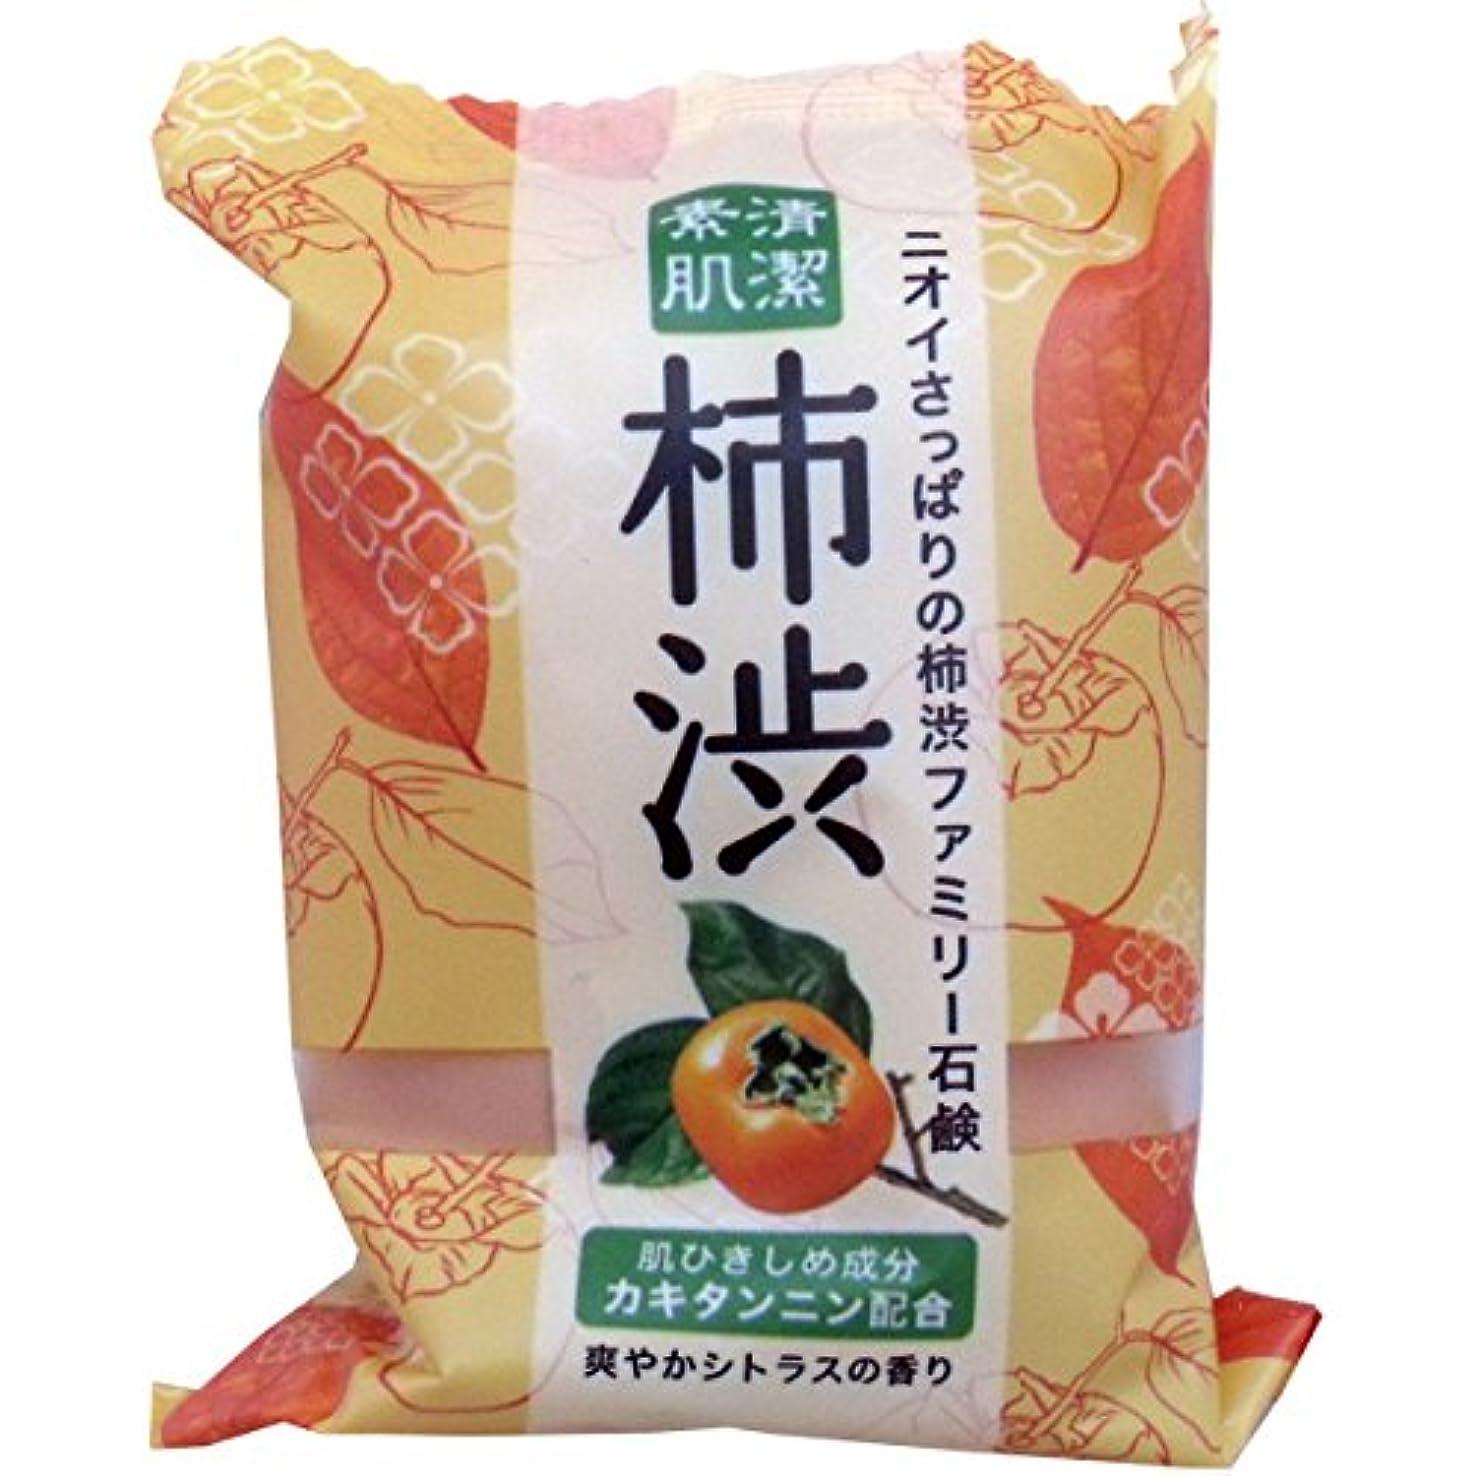 円周ビーチ試用ペリカン石鹸 ファミリー柿渋石鹸(1個) ×2セット